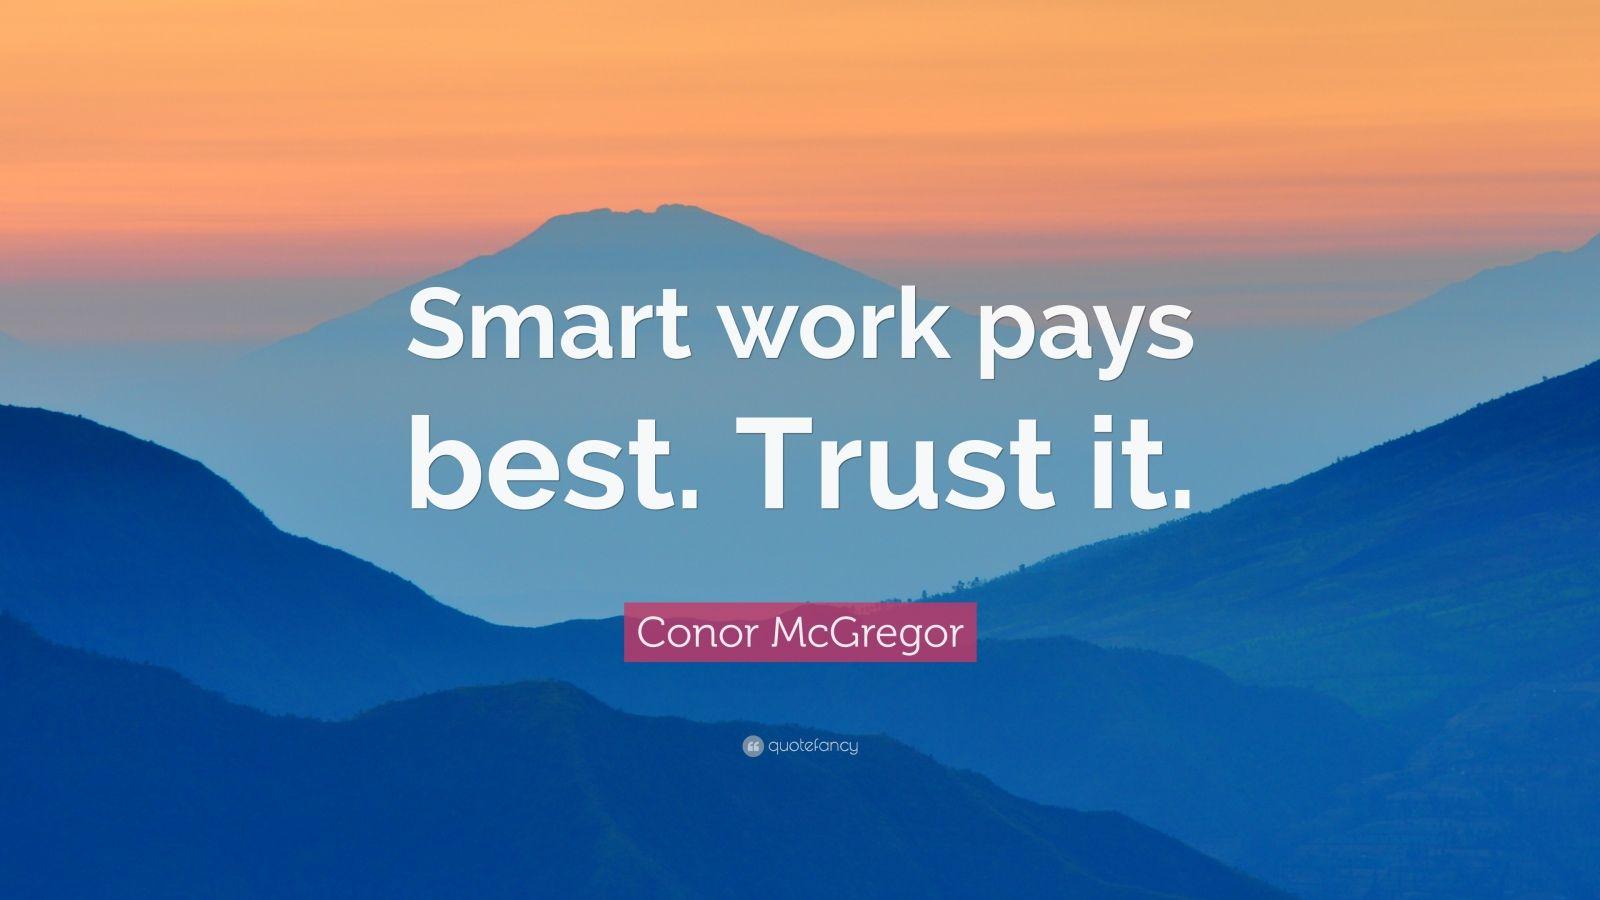 """Conor McGregor Quote: """"Smart work pays best. Trust it."""""""